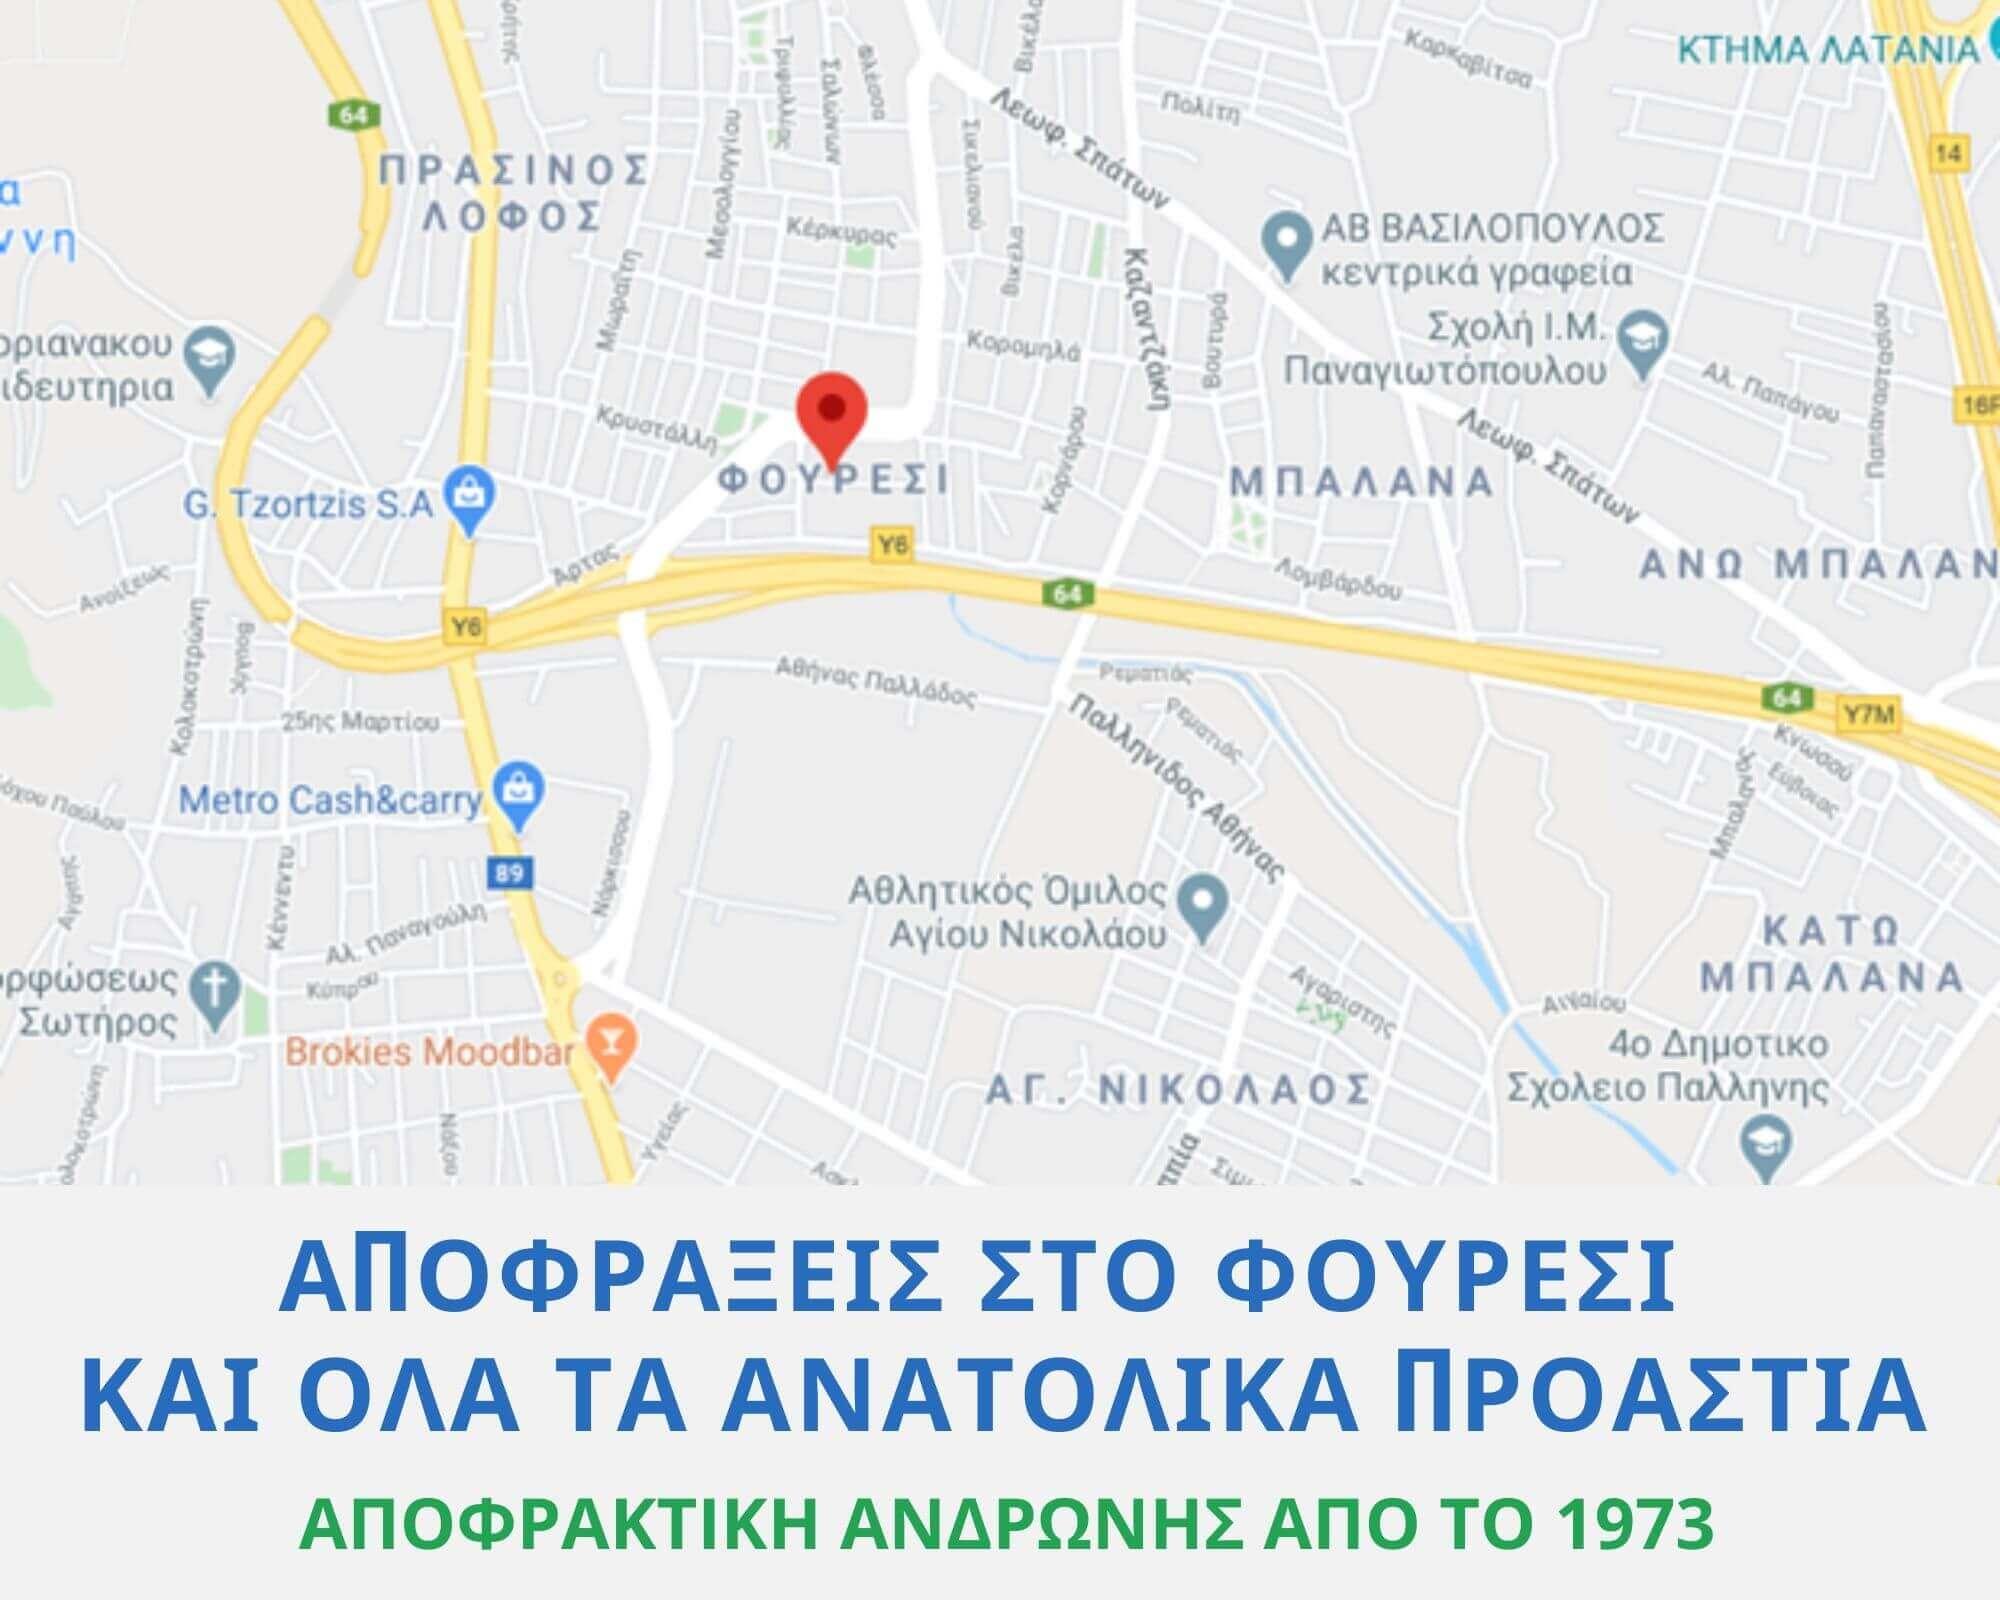 Αποφράξεις Φουρέσι - 213.02.50.818 - Αποφράξεις Αθήνα